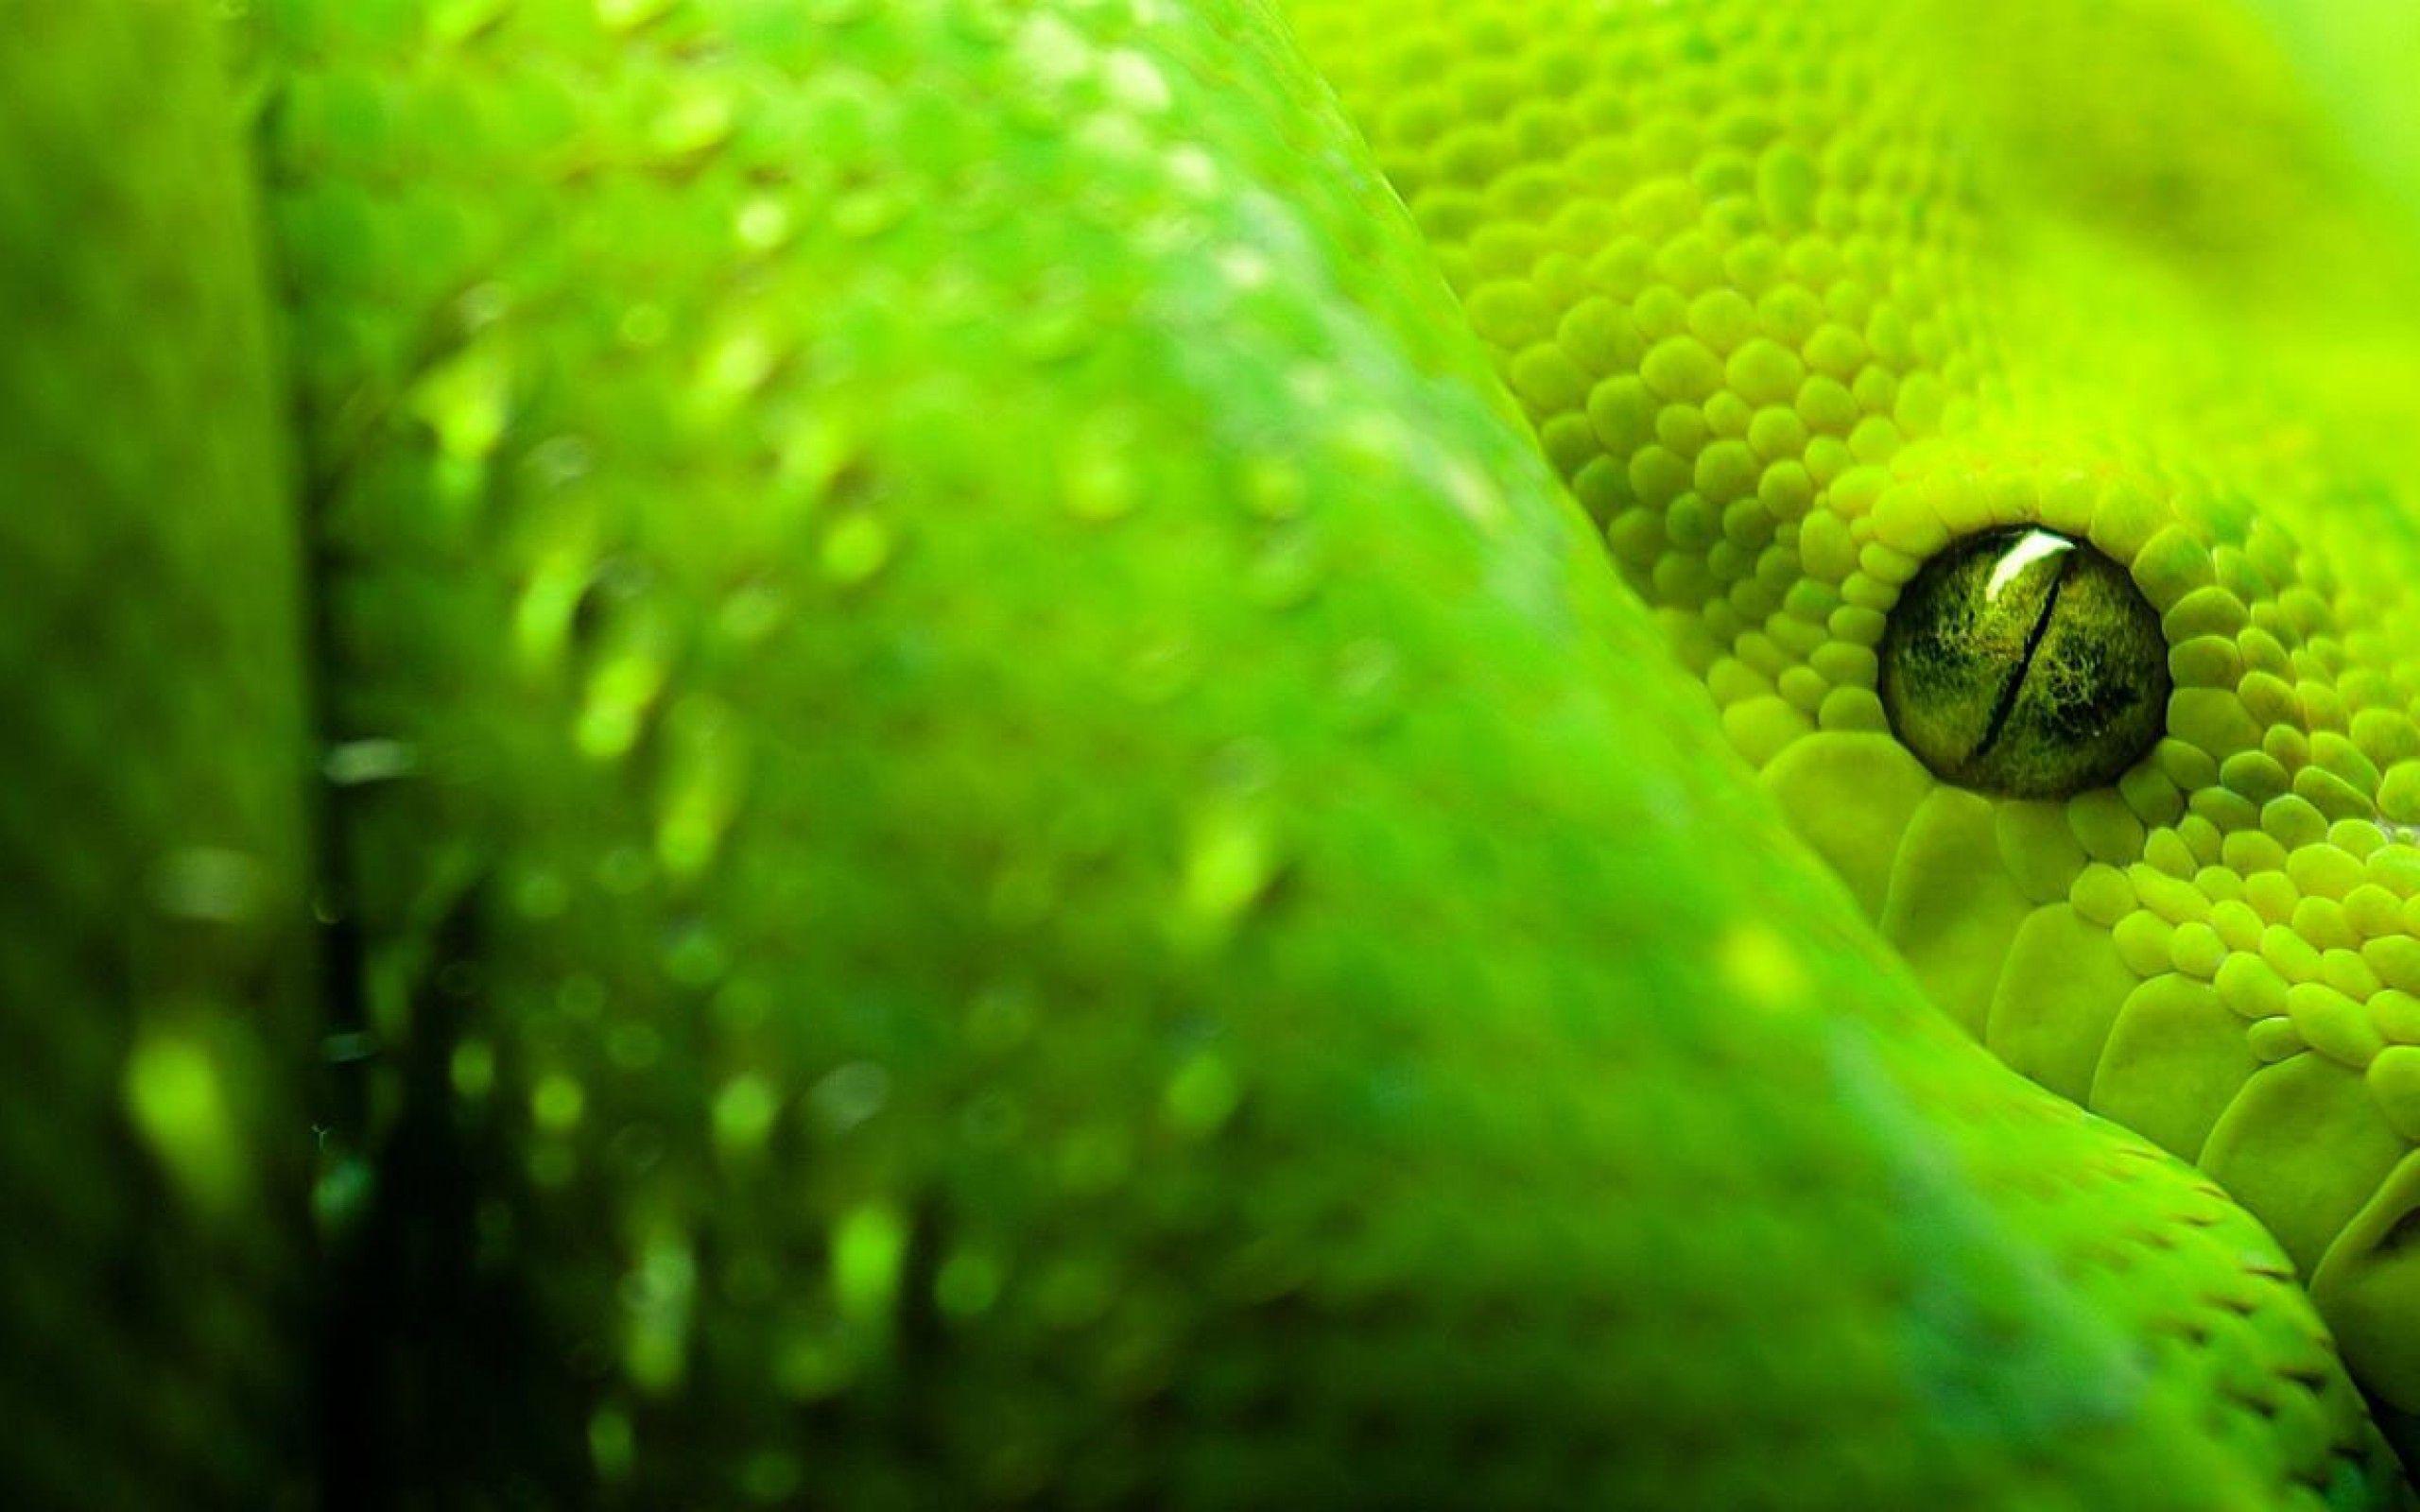 snake wallpaper | snake wallpaper - Part 6